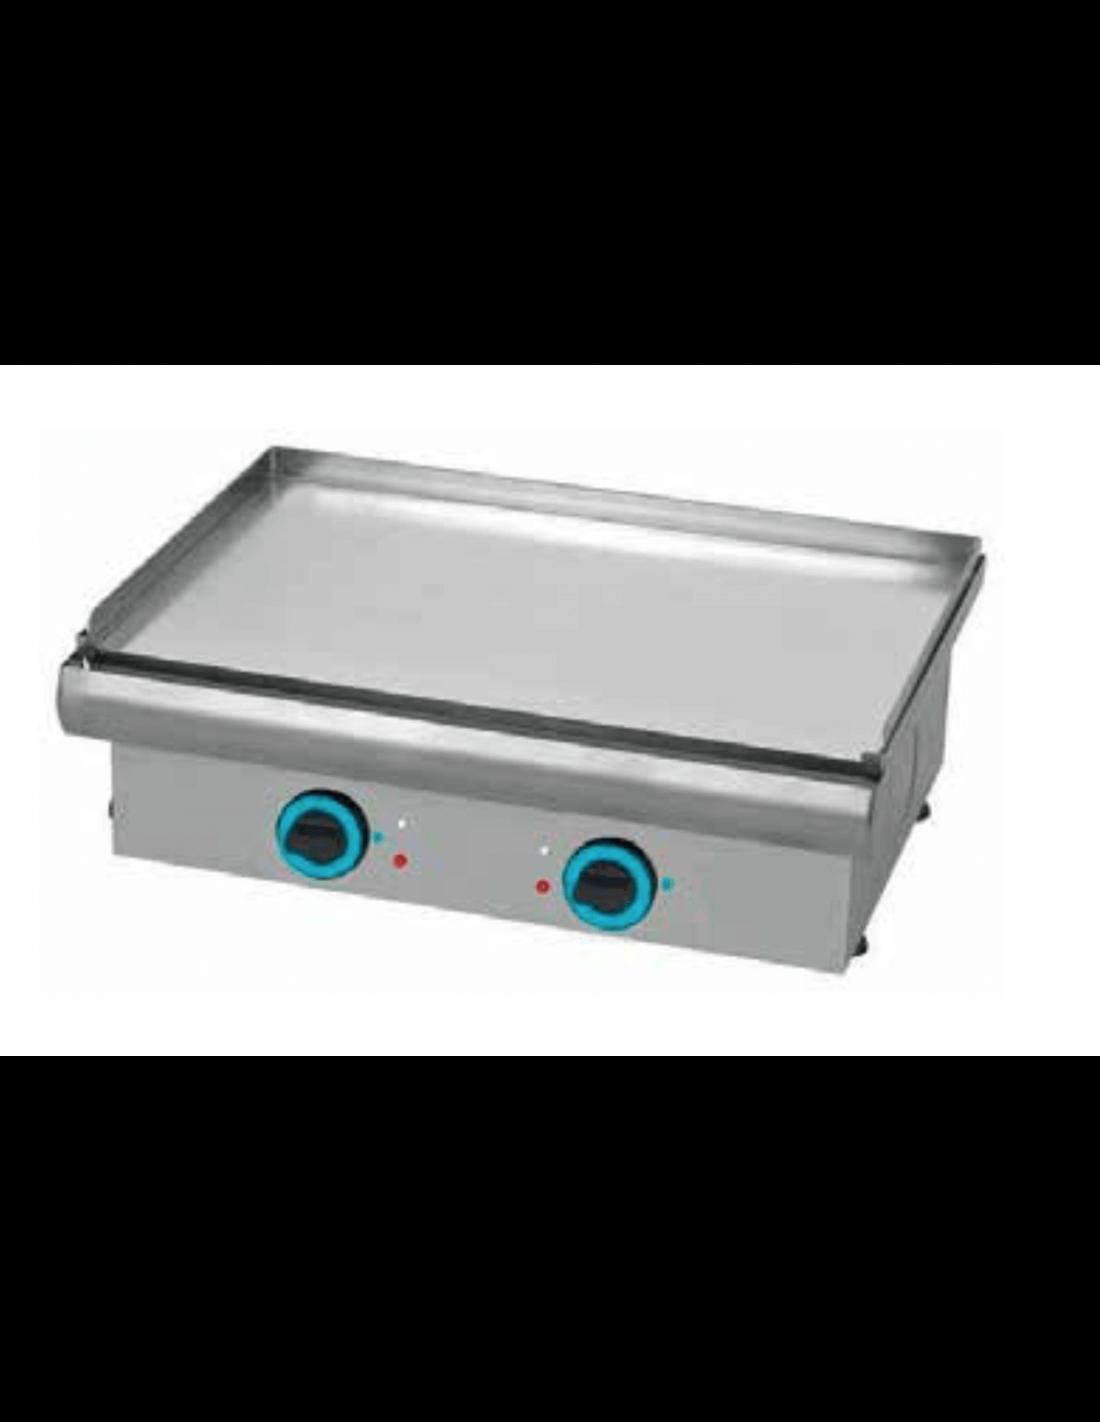 Plancha de cocina el ctrica profesional sobremesa pe80nc - Plancha electrica cocina ...